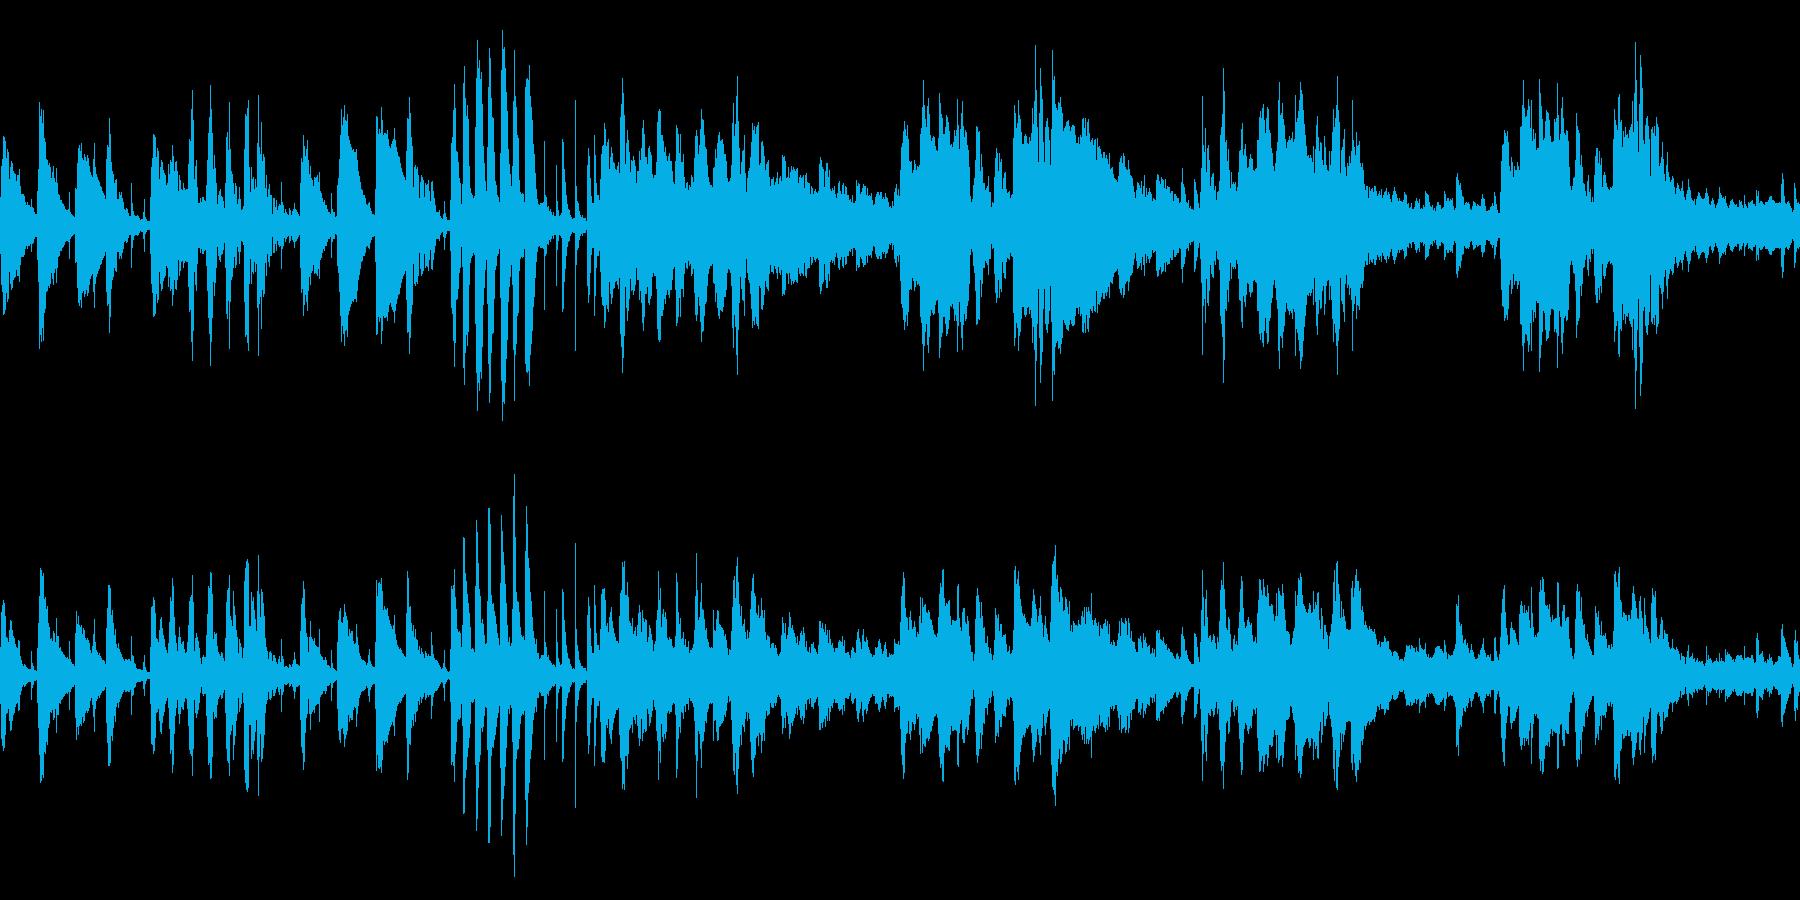 スウィングジャズ風BGM/ループ対応の再生済みの波形